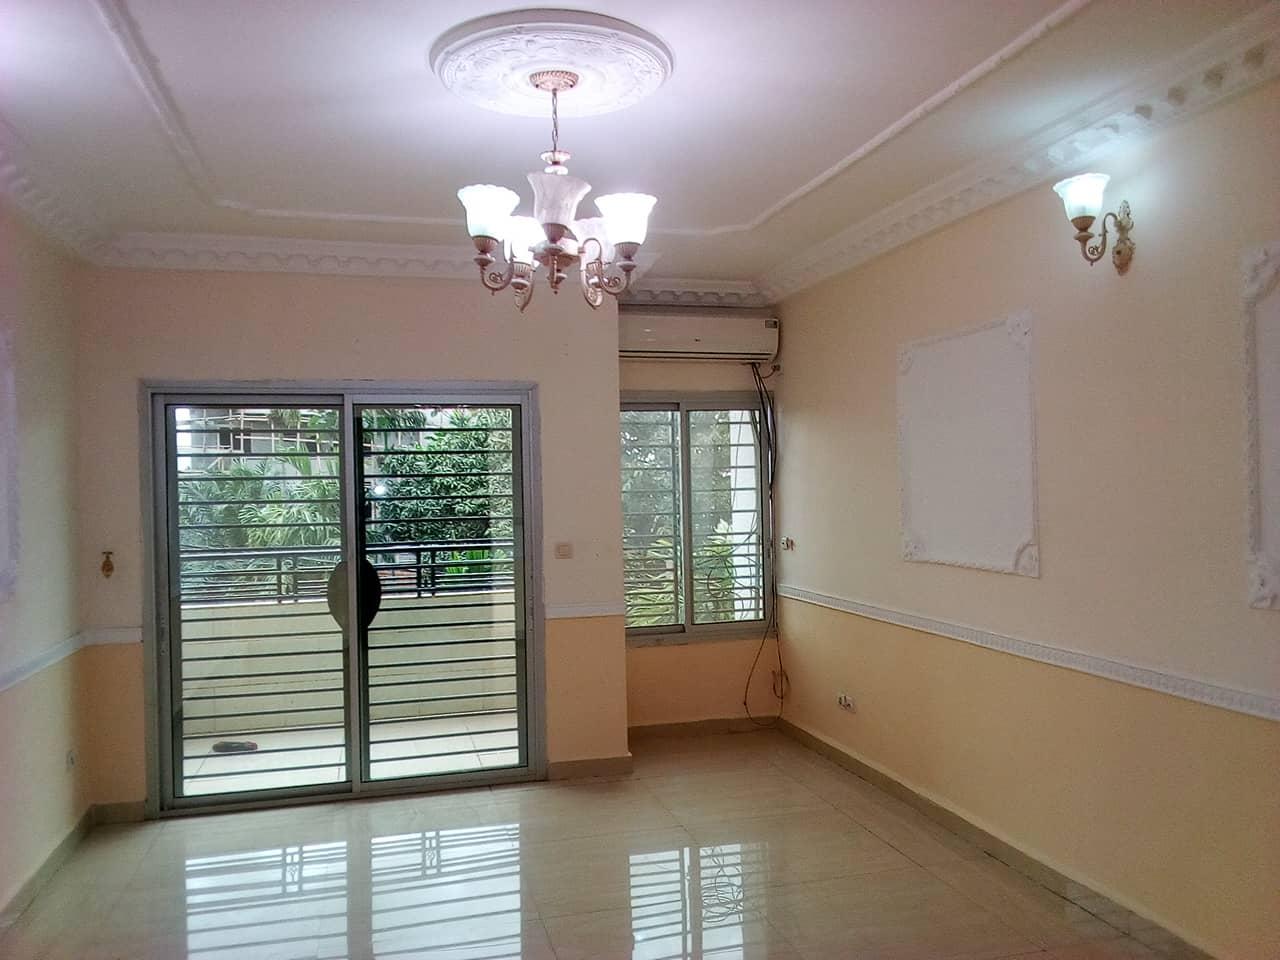 Appartement à louer - Yaoundé, Bastos, pas loin de mtn - 1 salon(s), 2 chambre(s), 3 salle(s) de bains - 600 000 FCFA / mois